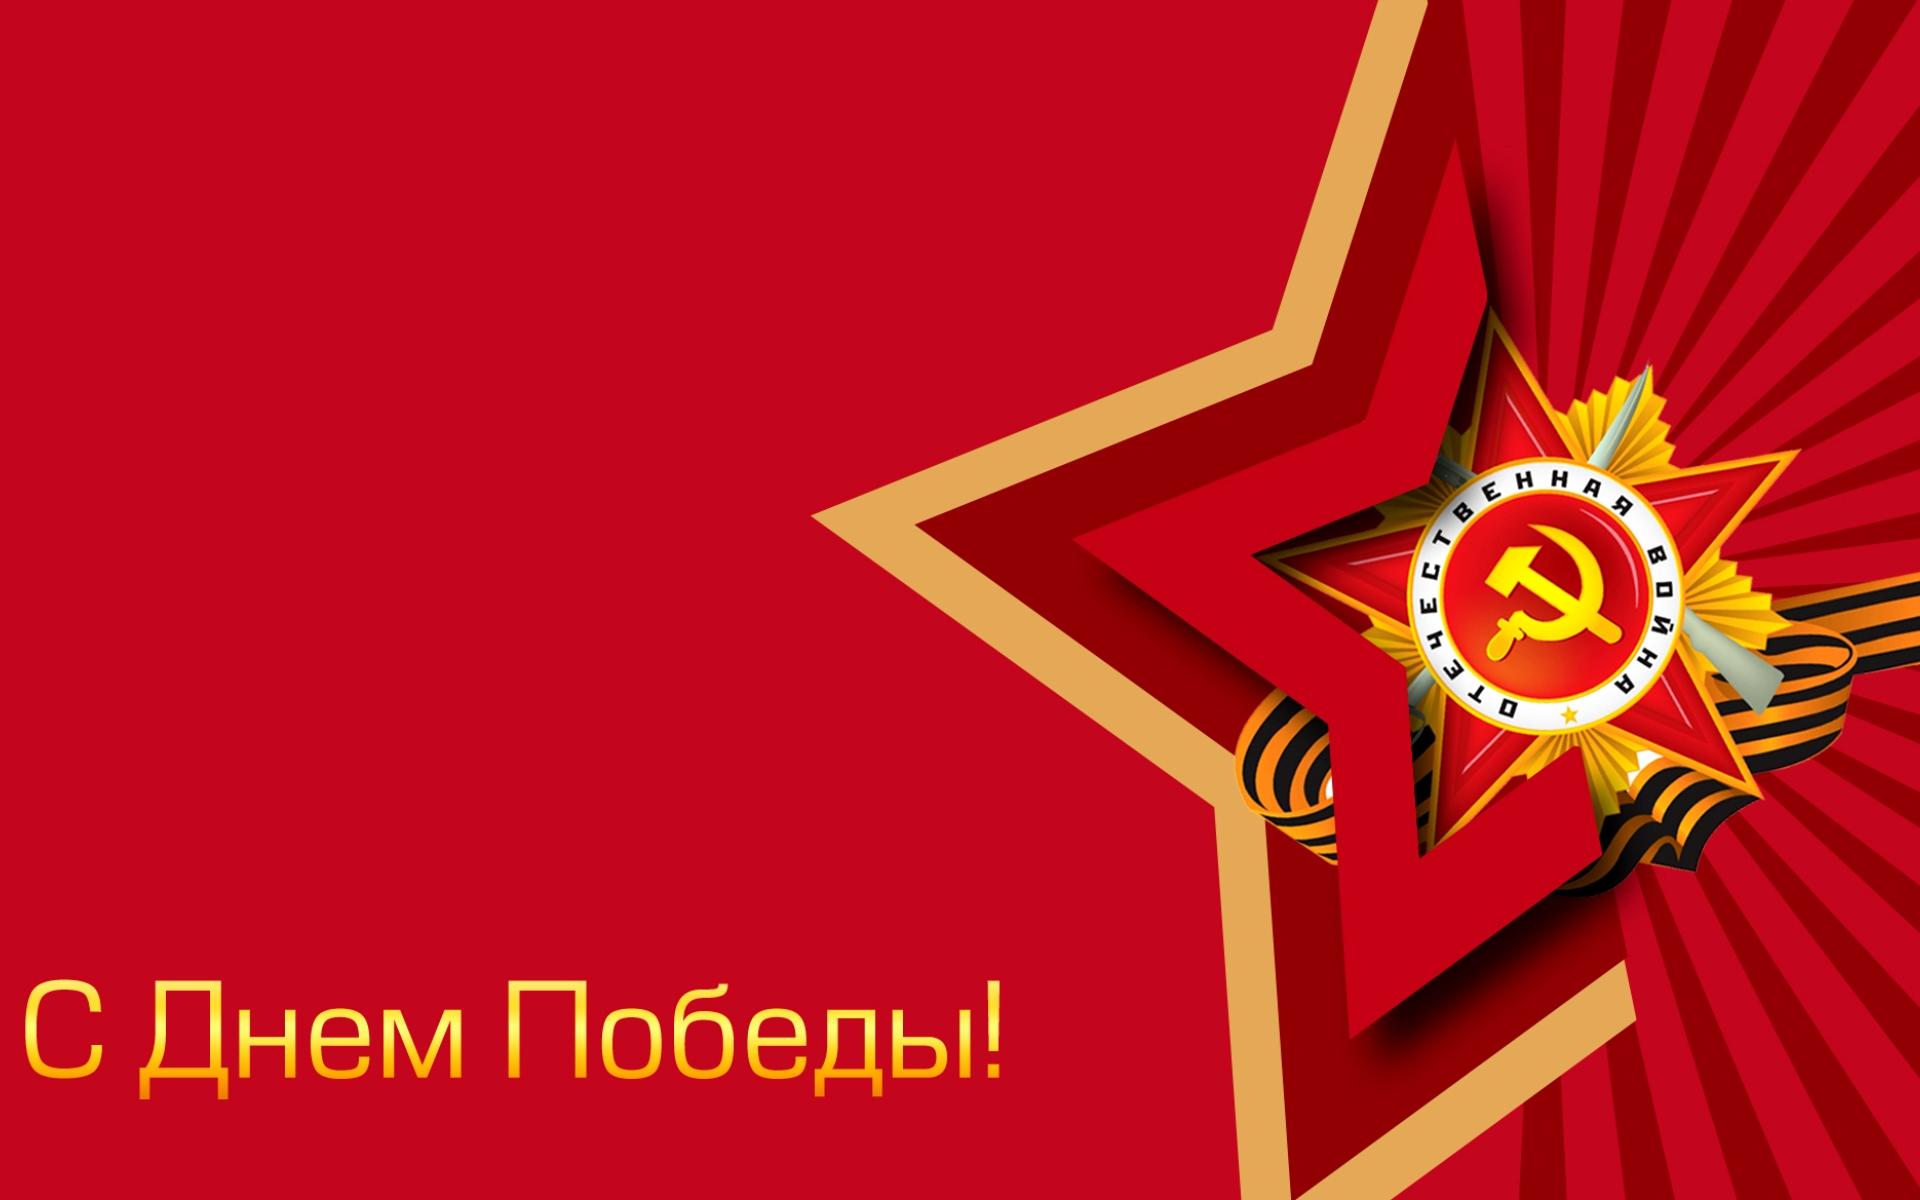 новые с праздником победы открытки красные представляет собой